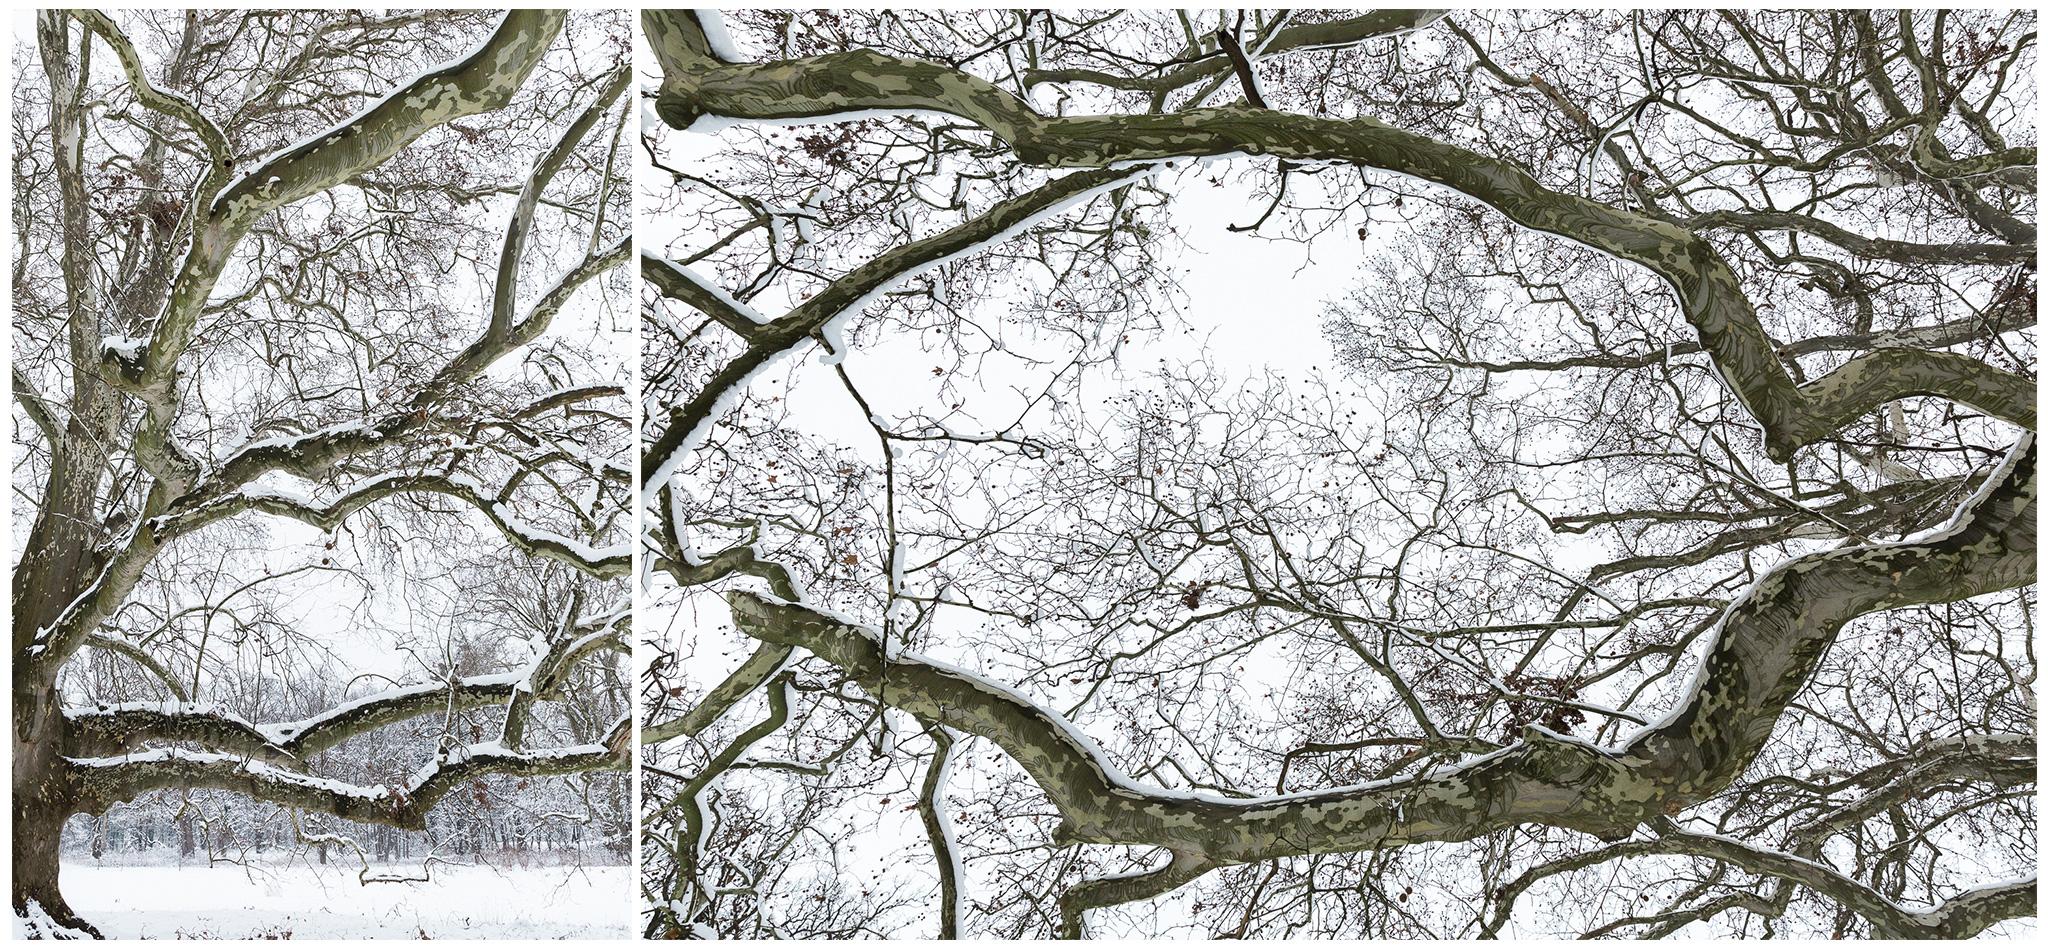 Körmend,Várkert,tél,2018,Fülöp Péter, fylepphoto, Vasmegye, Dunántúl_012.jpg